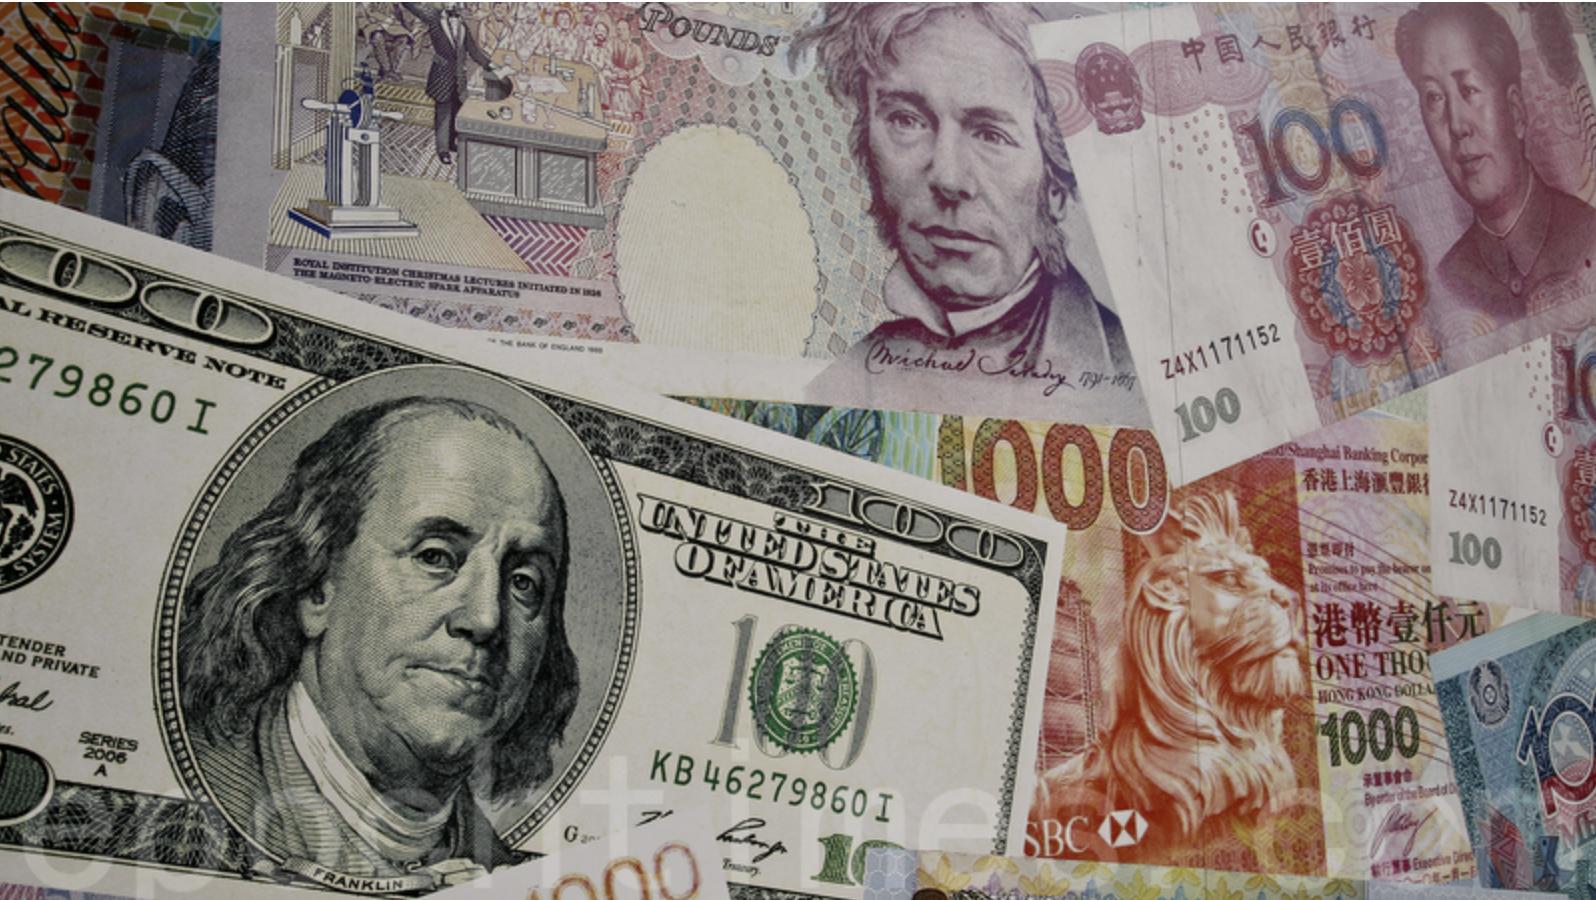 5月28日,中共人大通過「港版國安法」,擔憂局勢不穩,出現搶換美元等外幣風潮。(大紀元資料庫)